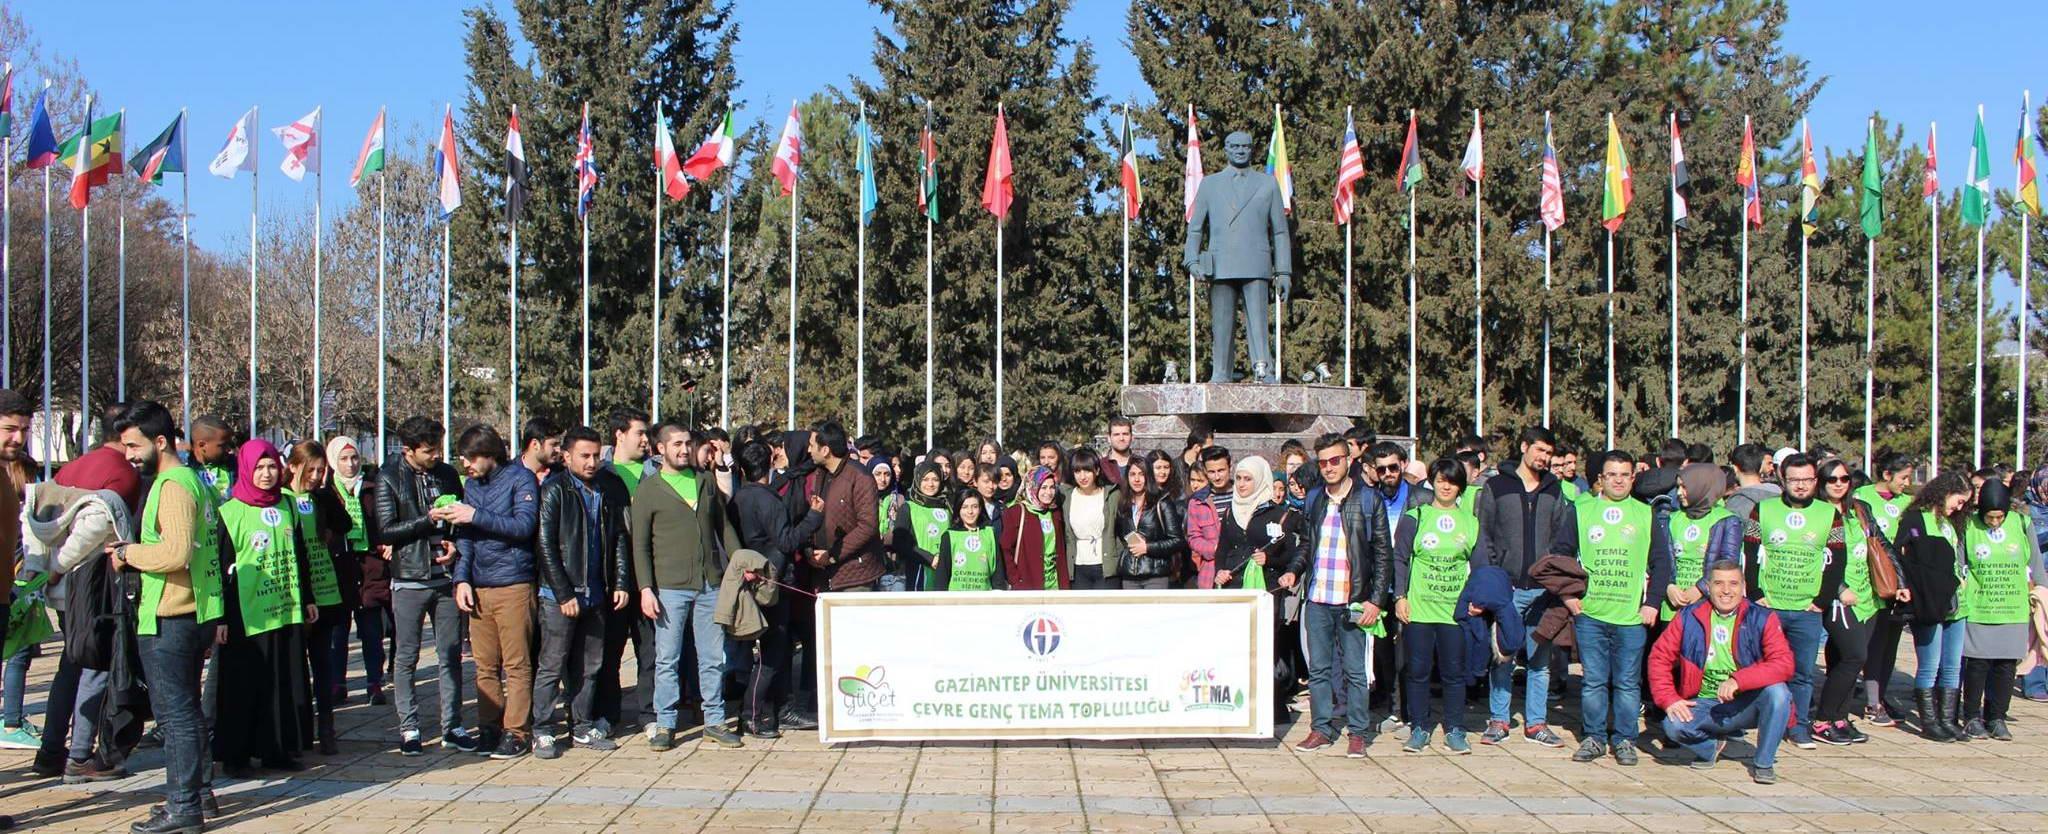 GAÜN'de Yabancı Uyruklu Öğrenciler Fidan Dikti (5)